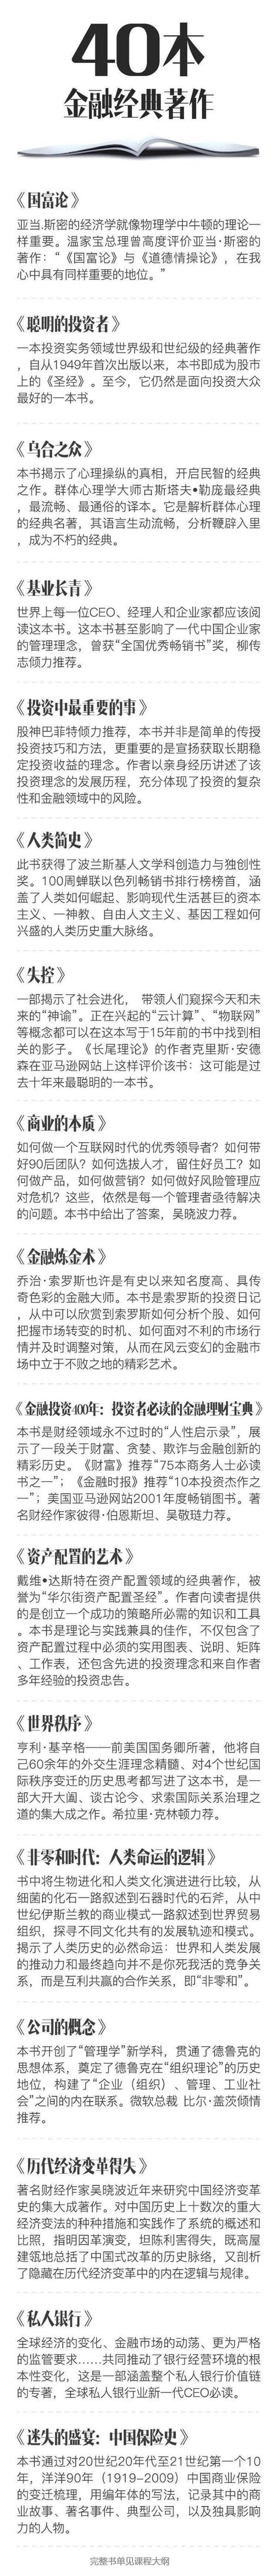 李清昊带你精读40本金融经典书籍-音频节目